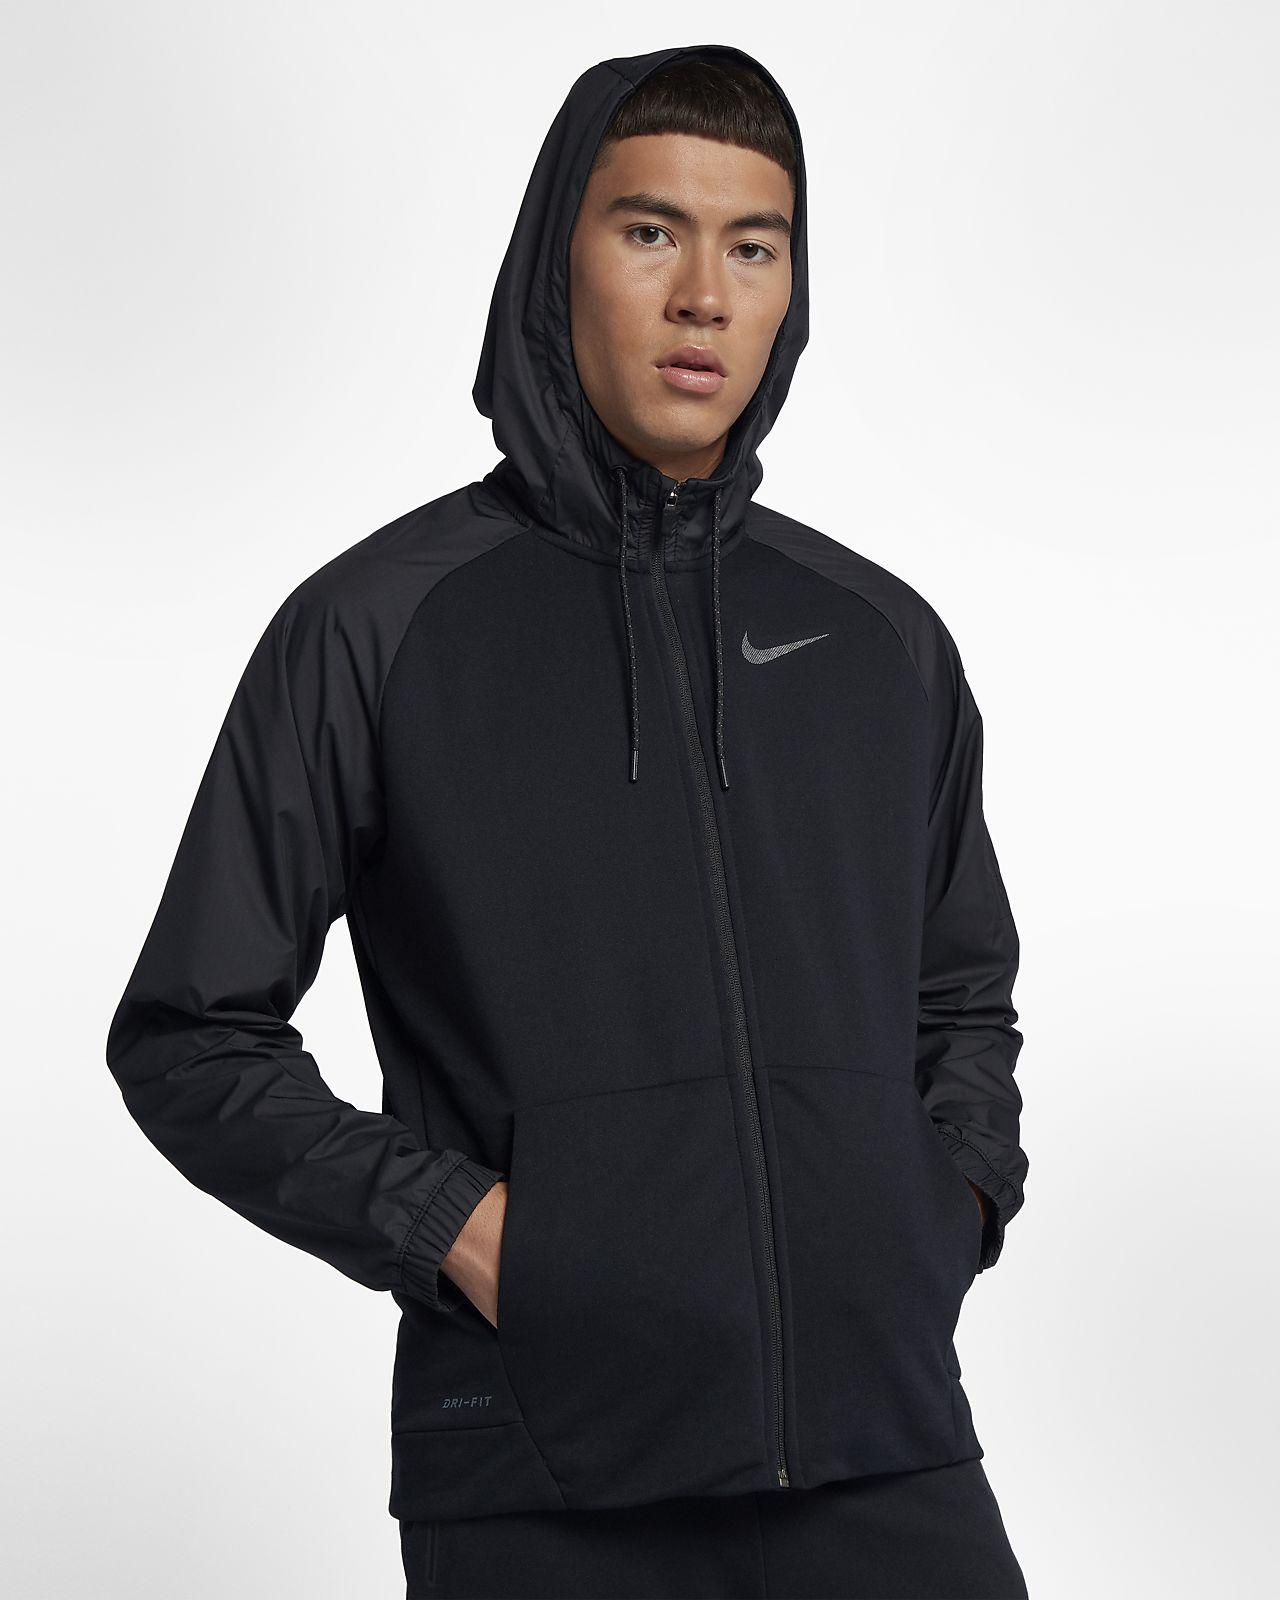 Felpa Utility da training con cappuccio e zip a tutta lunghezza Nike Dri FIT Uomo